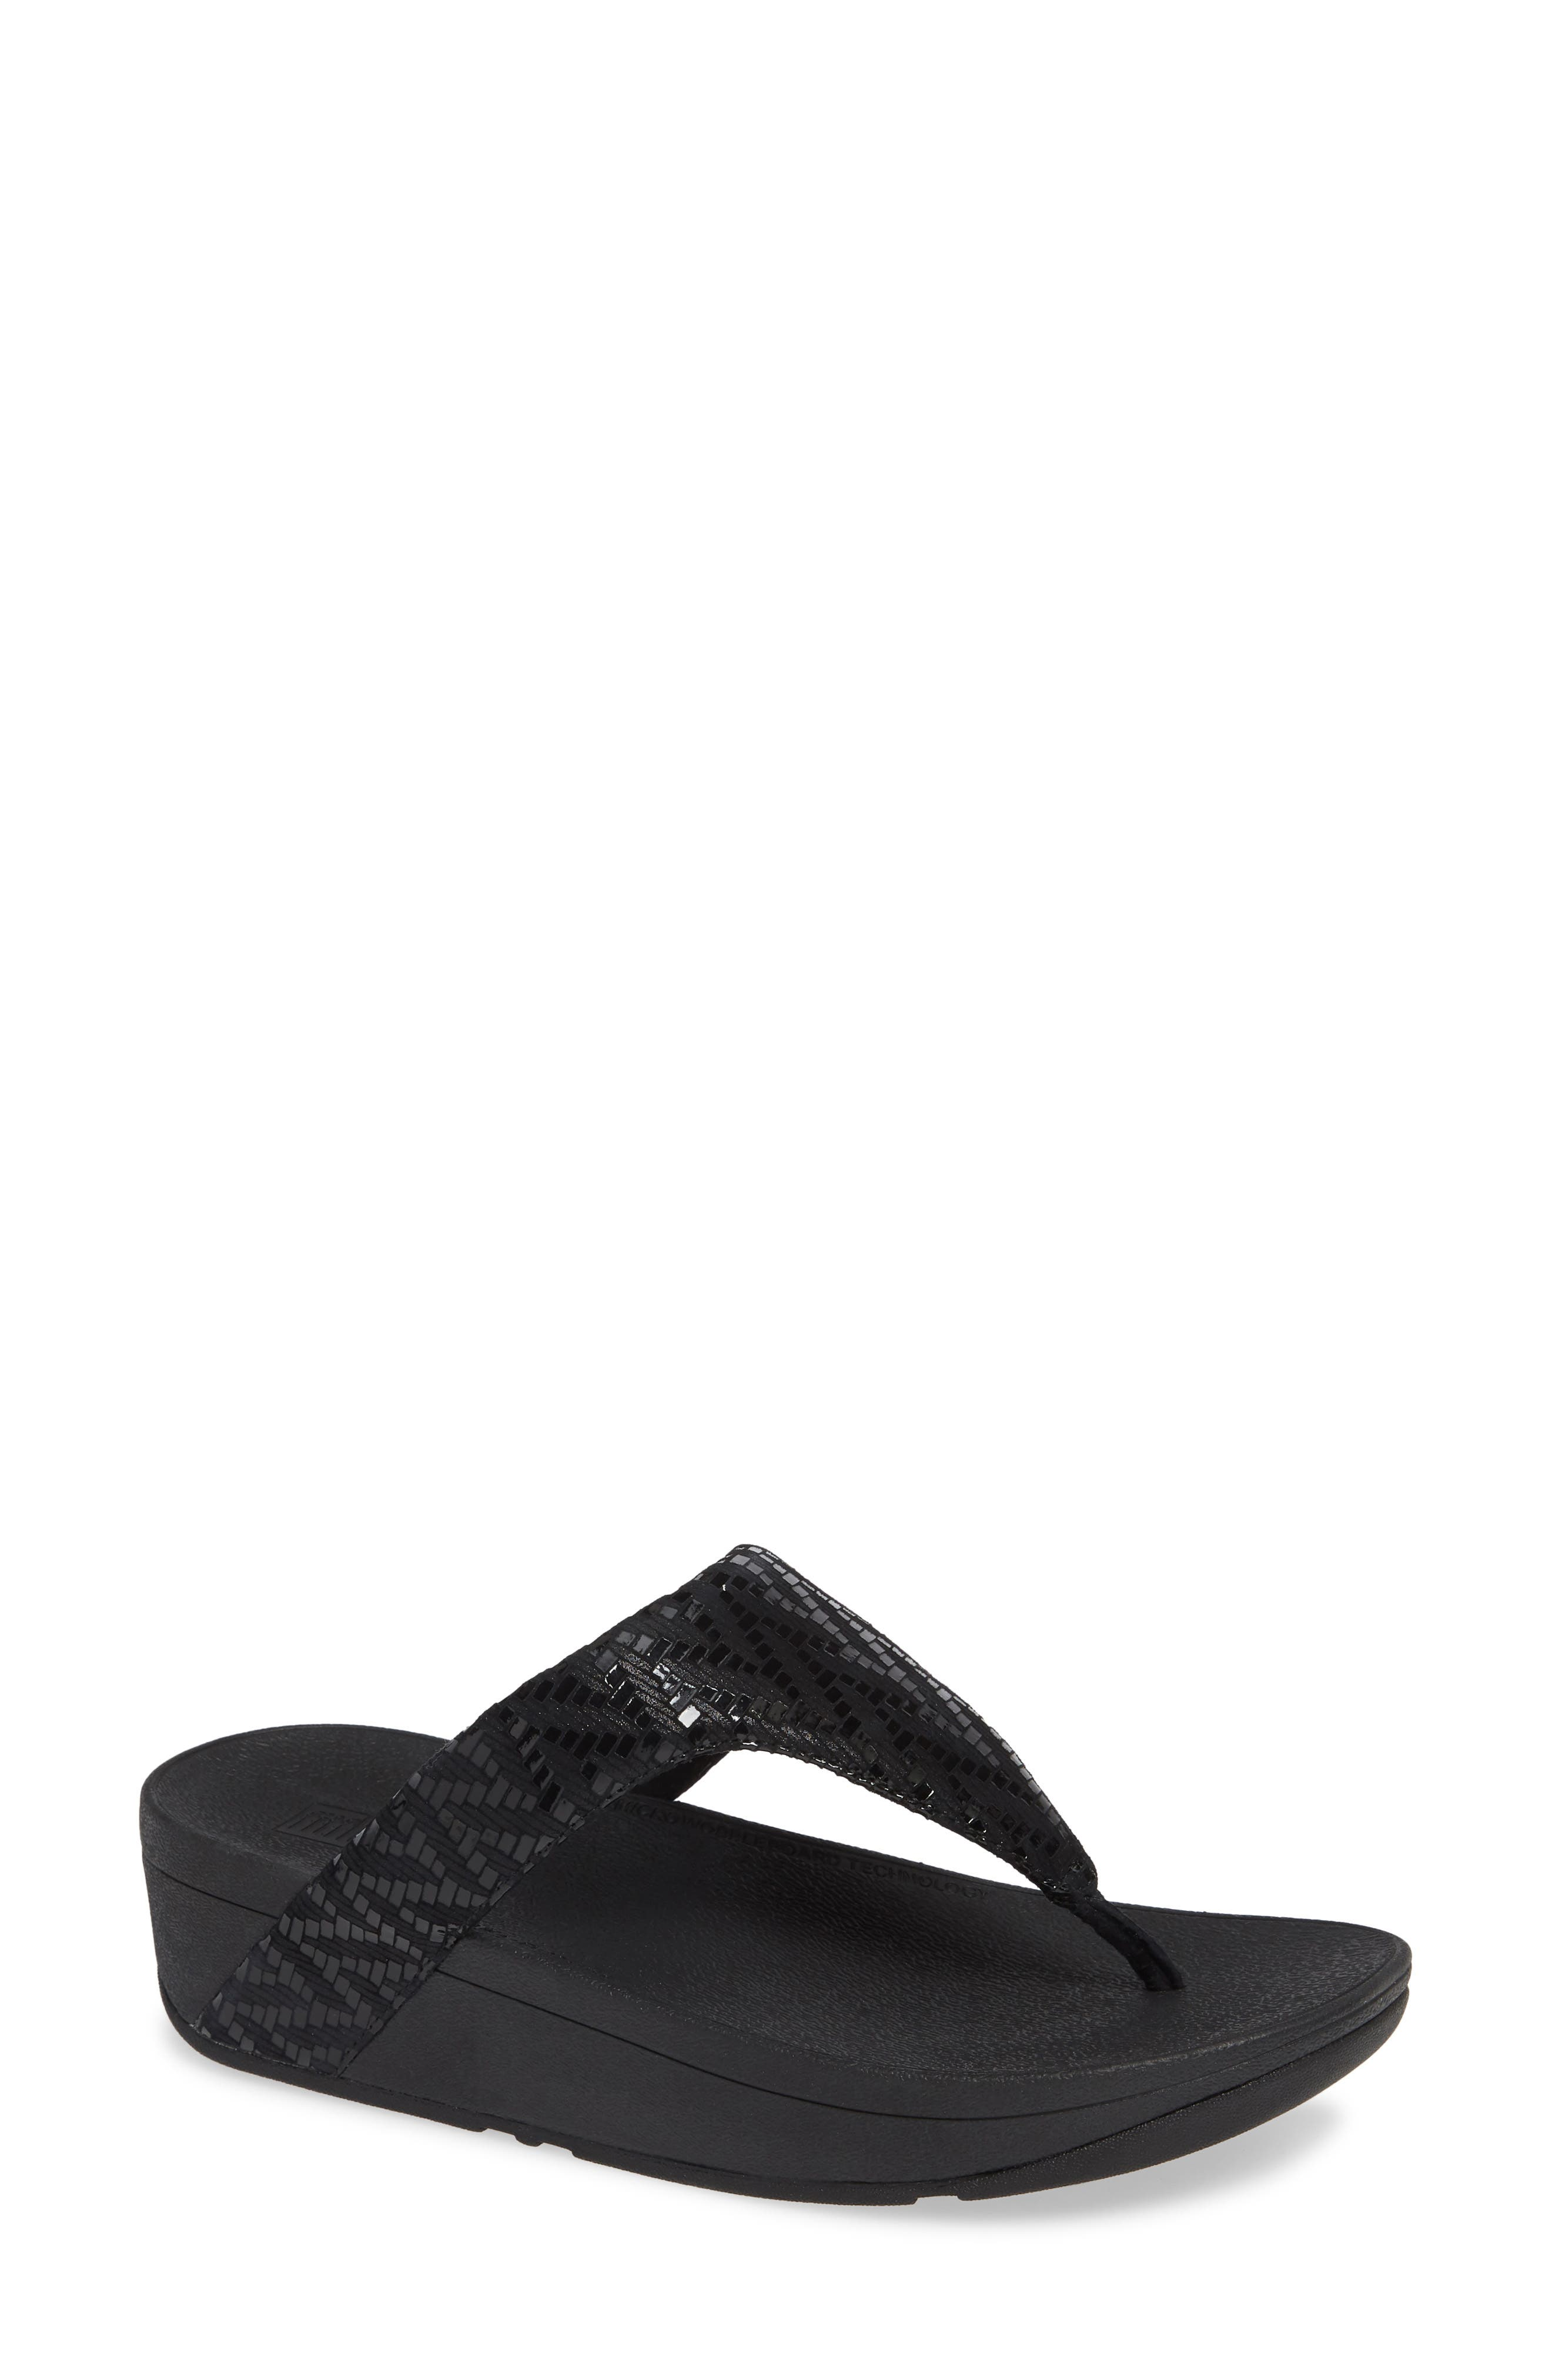 Lottie Chevron Wedge Flip Flop, Main, color, BLACK